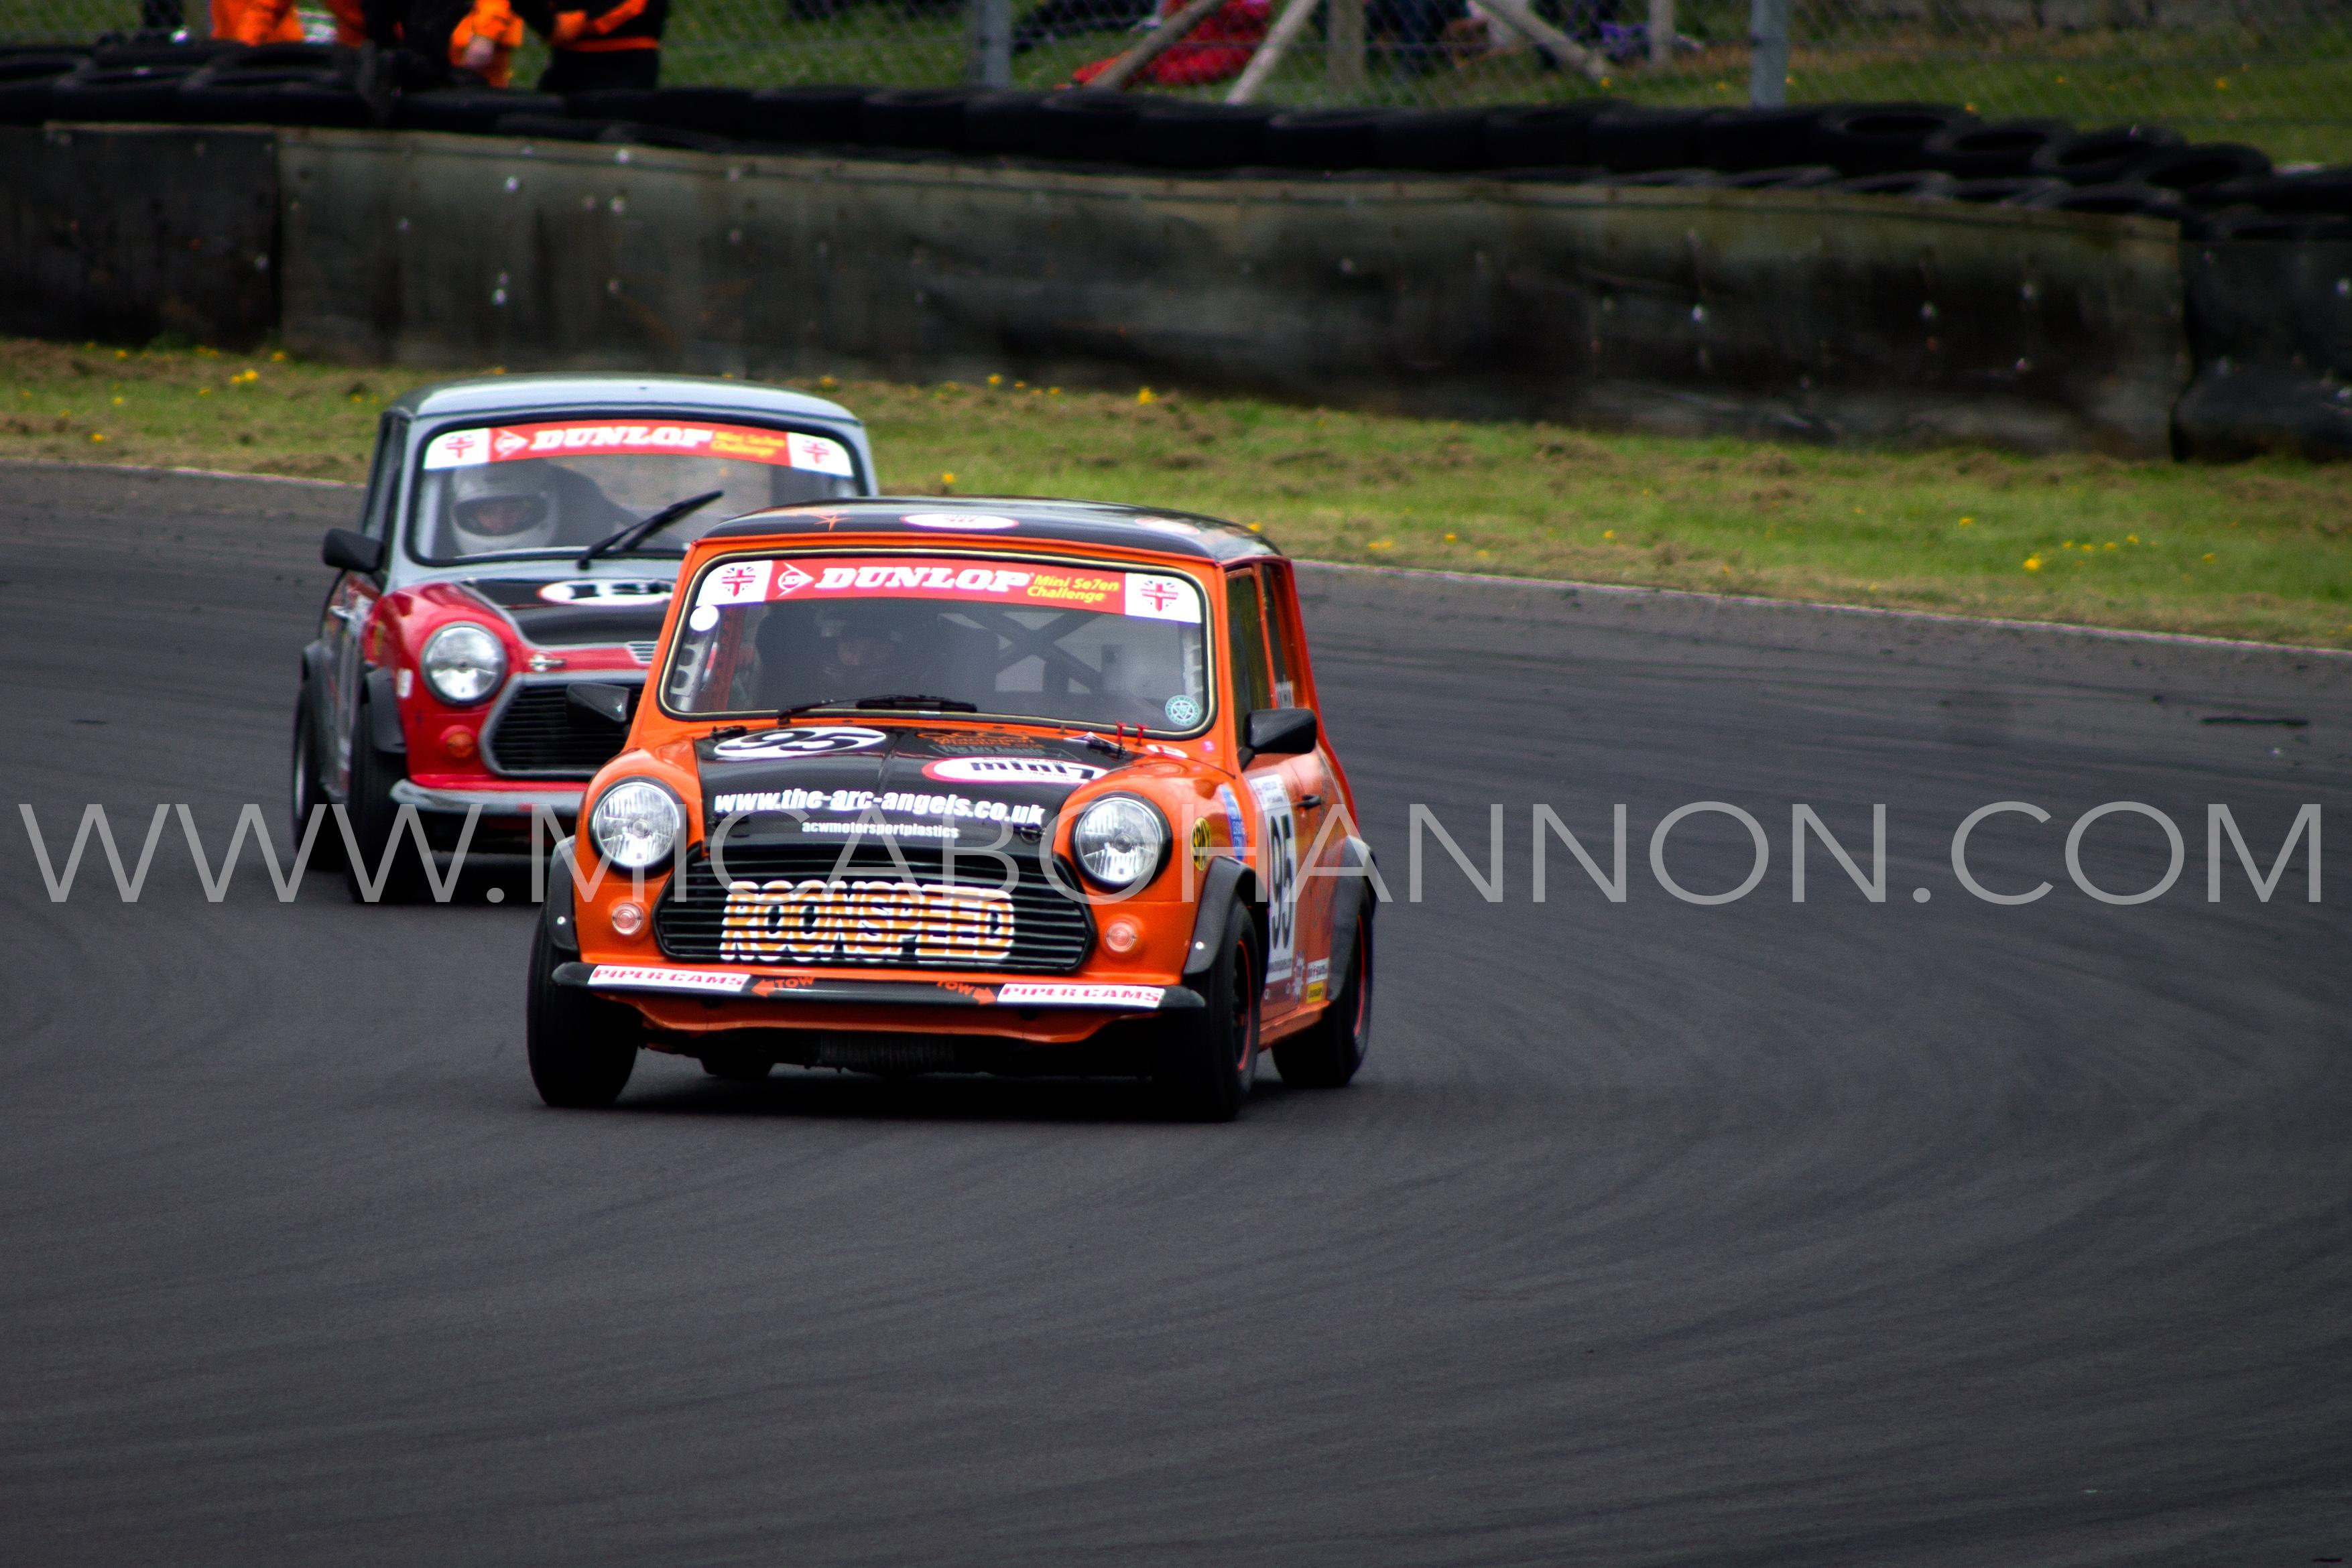 castle combe mini 7 race